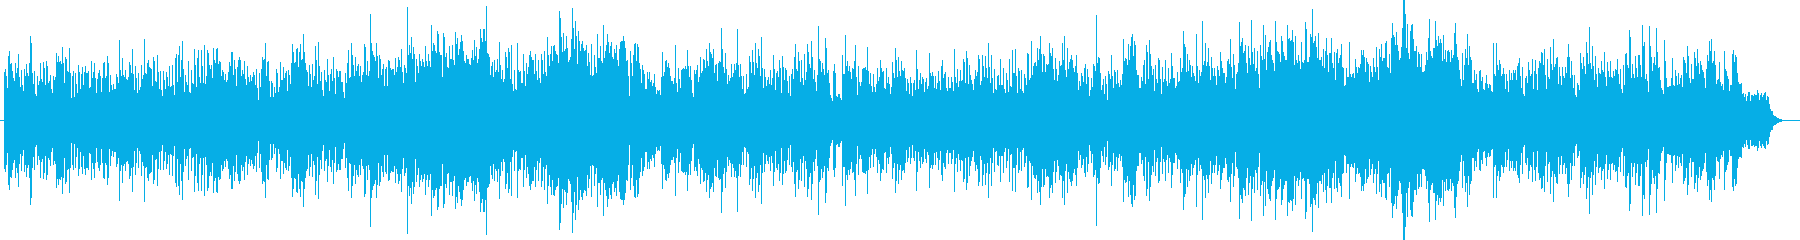 感動的で切ないピアノサウンドの再生済みの波形